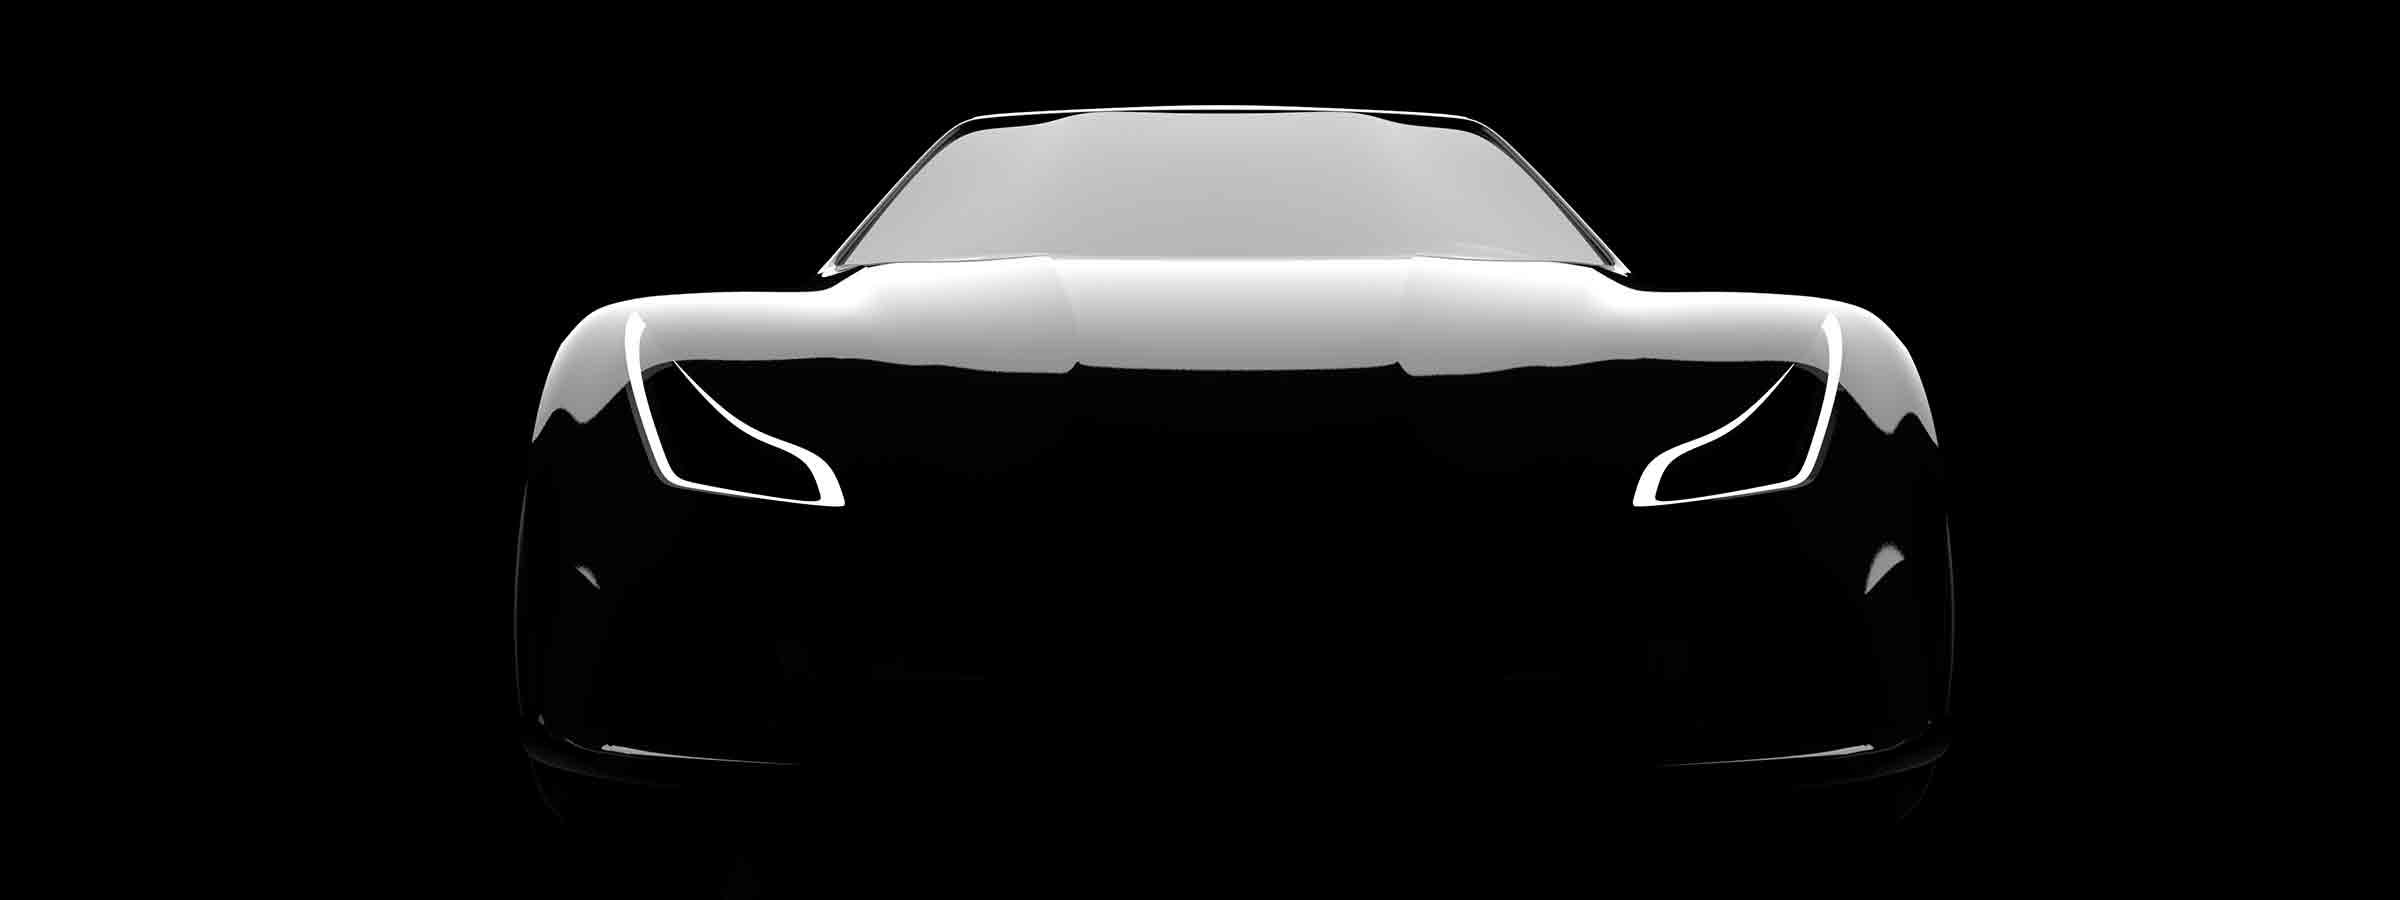 Fahrzeugtuning - Auto-Tuning - Design, Leistung und Individualität